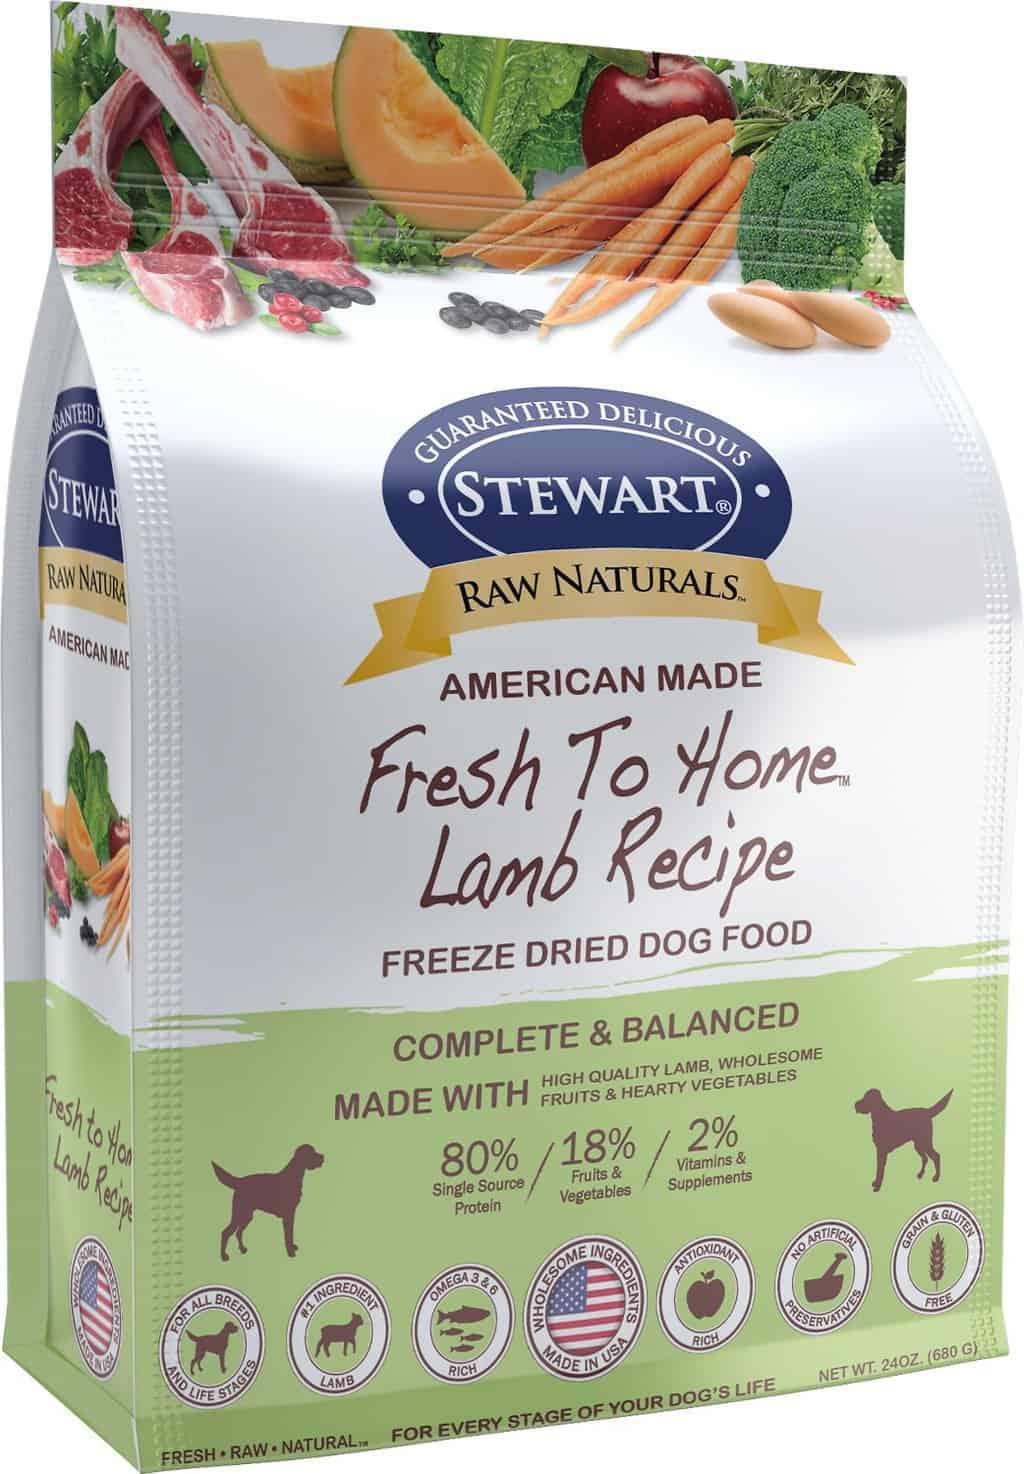 Stewart Raw Naturals Dog Food: [year] Reviews, Recalls & Coupons 9